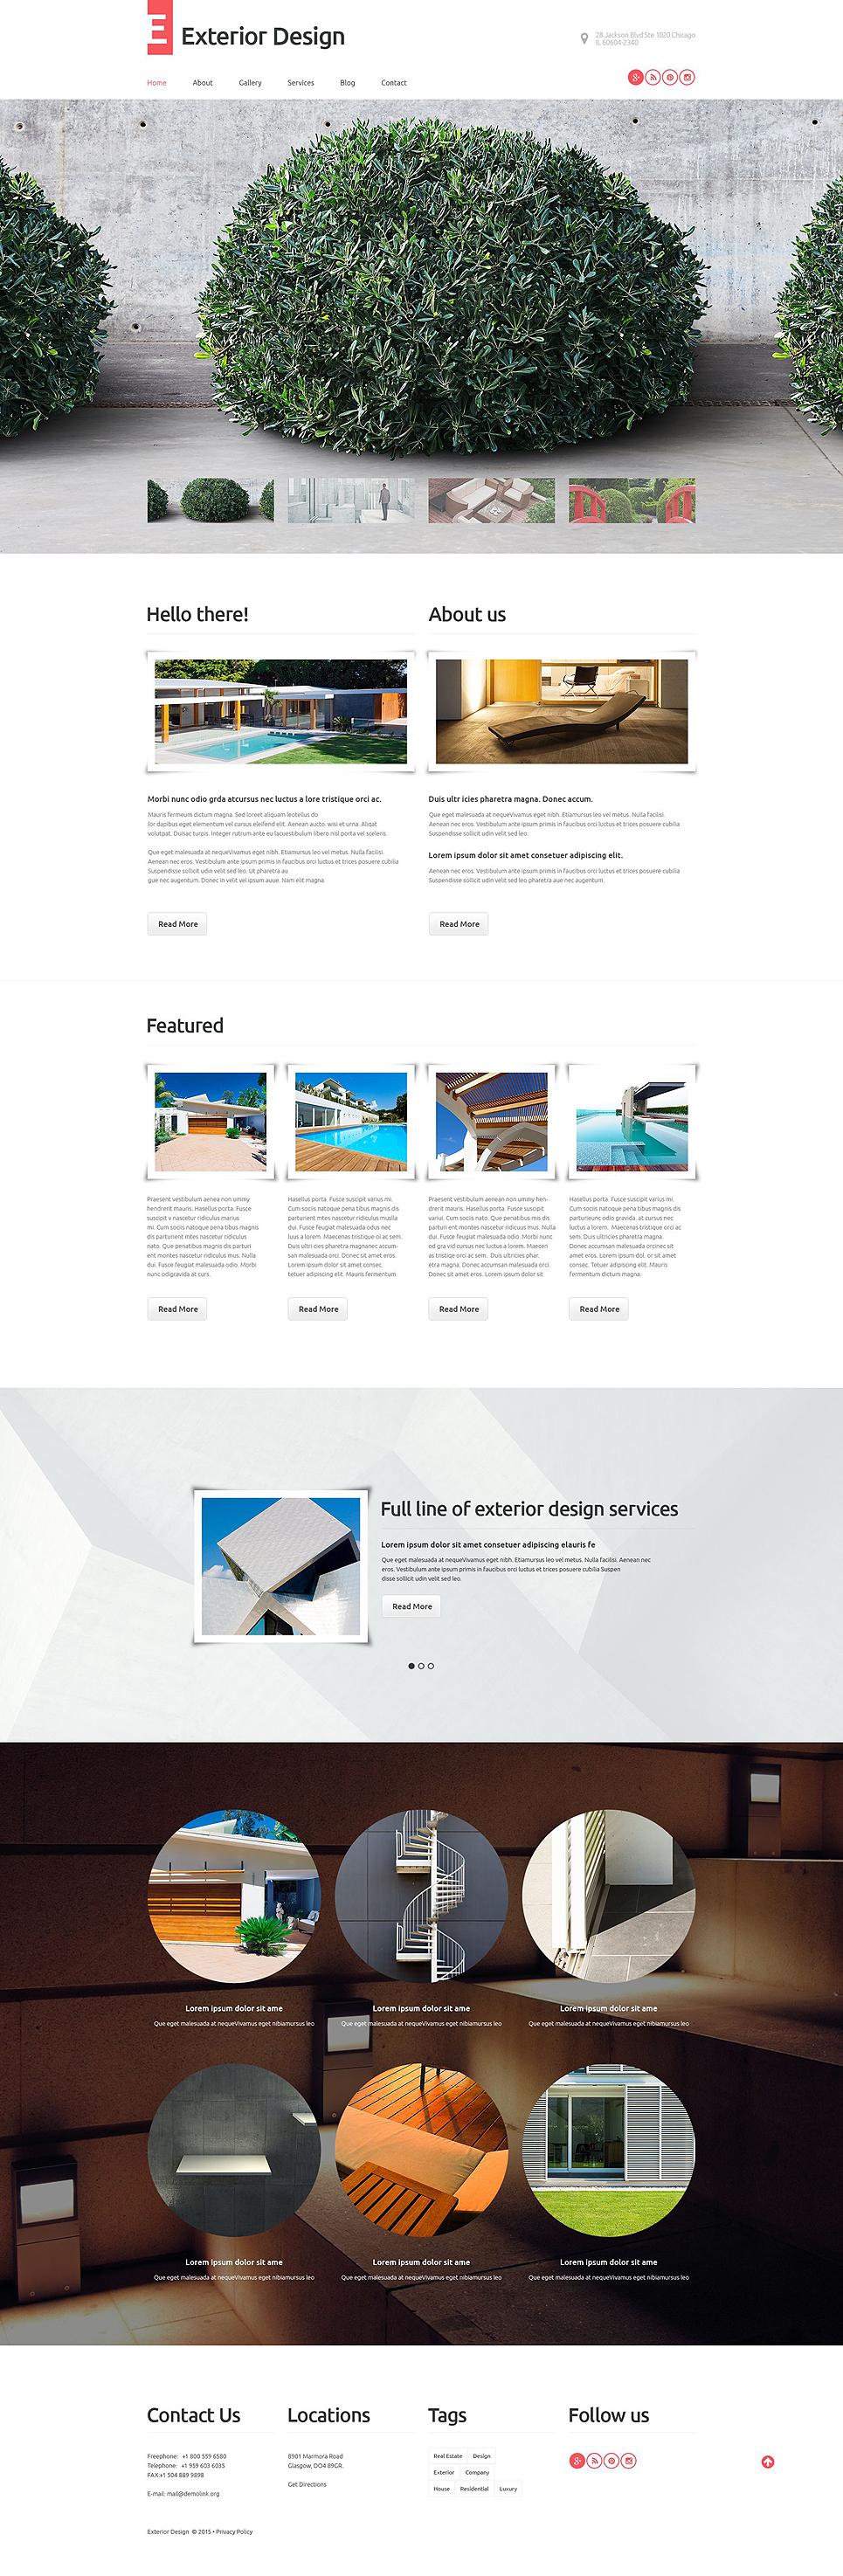 Адаптивный шаблон сайта на тему дизайн экстерьера #53598